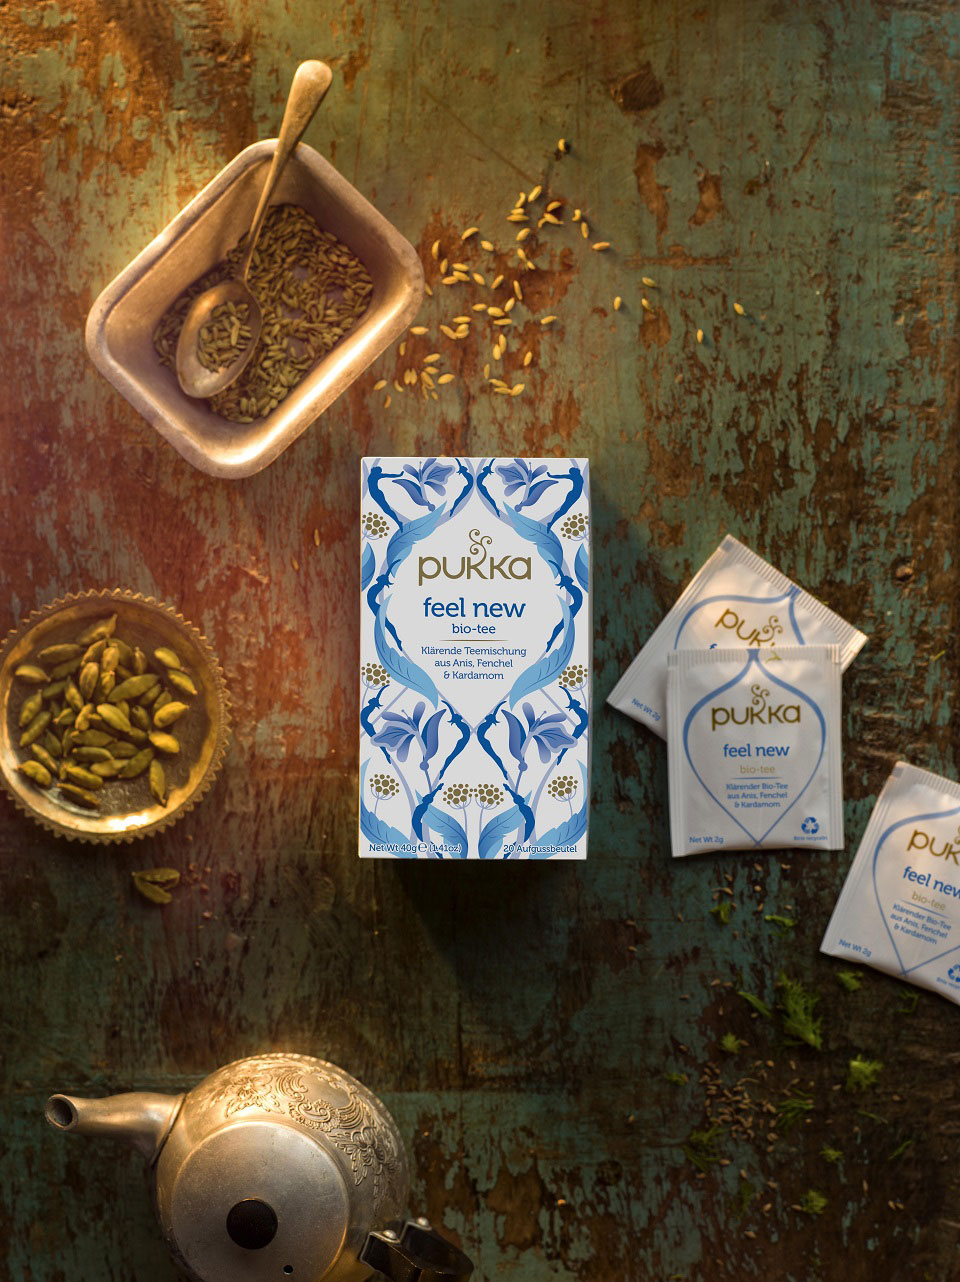 Die helle Packung des Pukka Feel New-Tees umgeben von Teebeutelverpackungen und den Zutaten des Kräutertees.